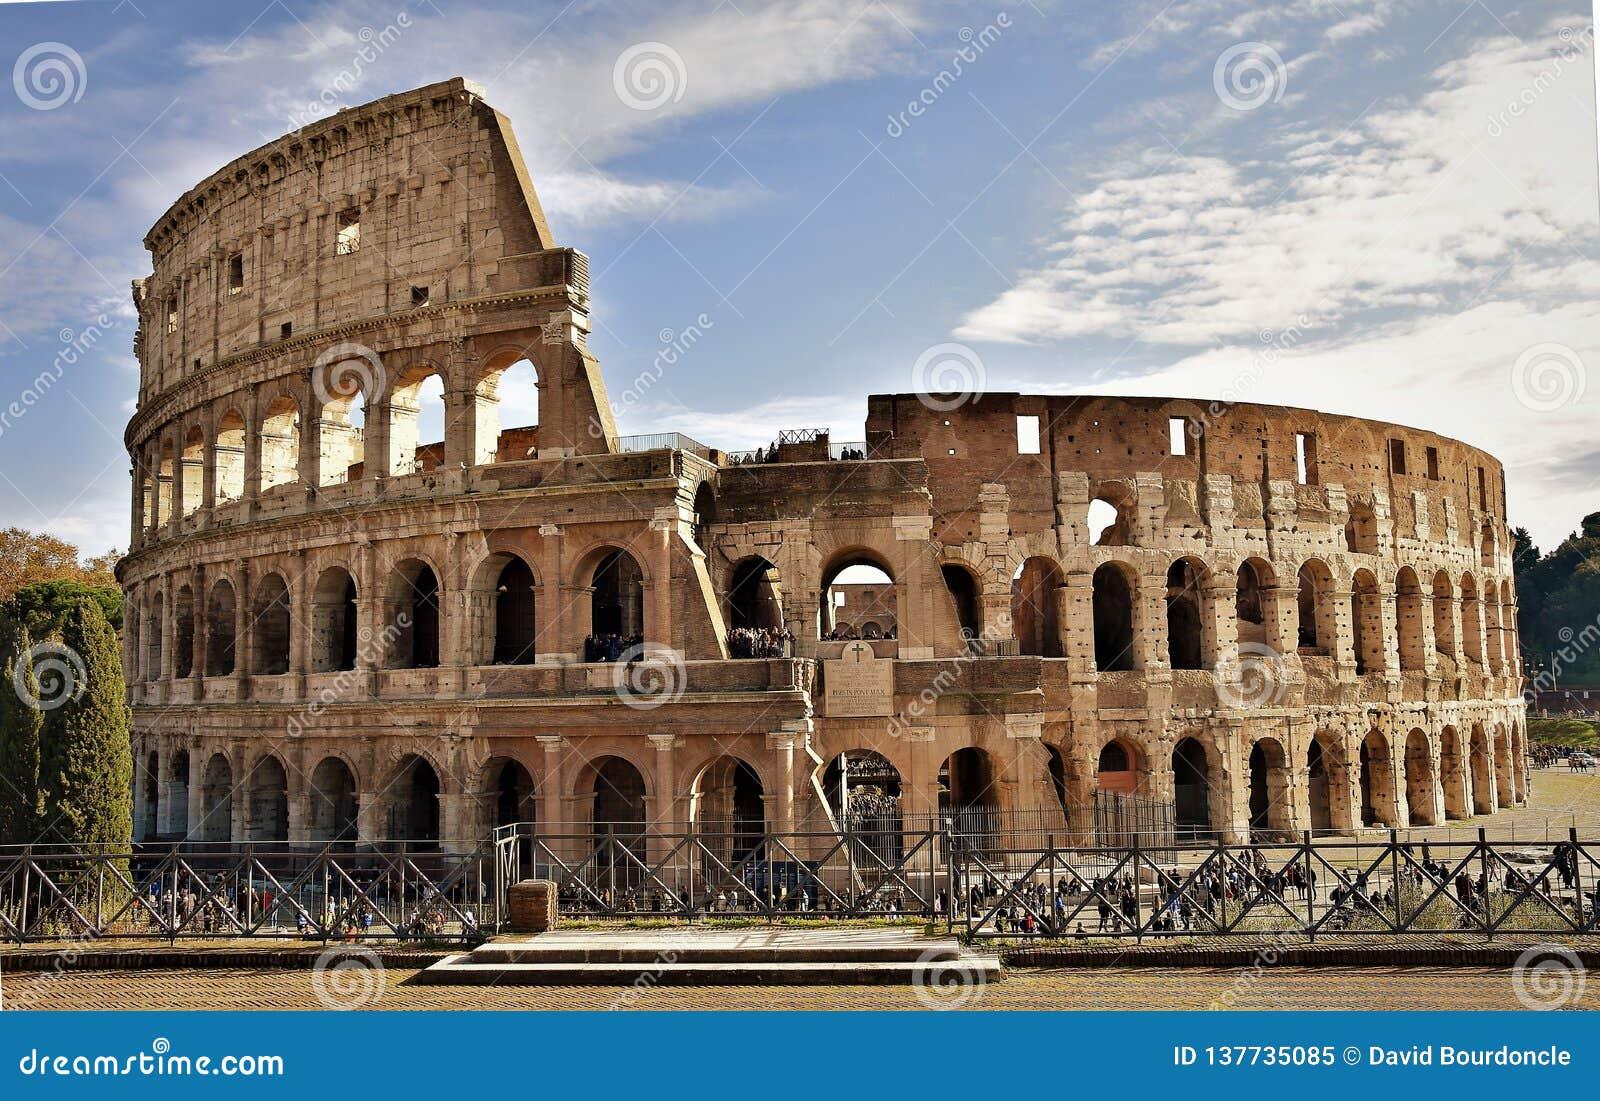 Il-colosseoromano, Italia